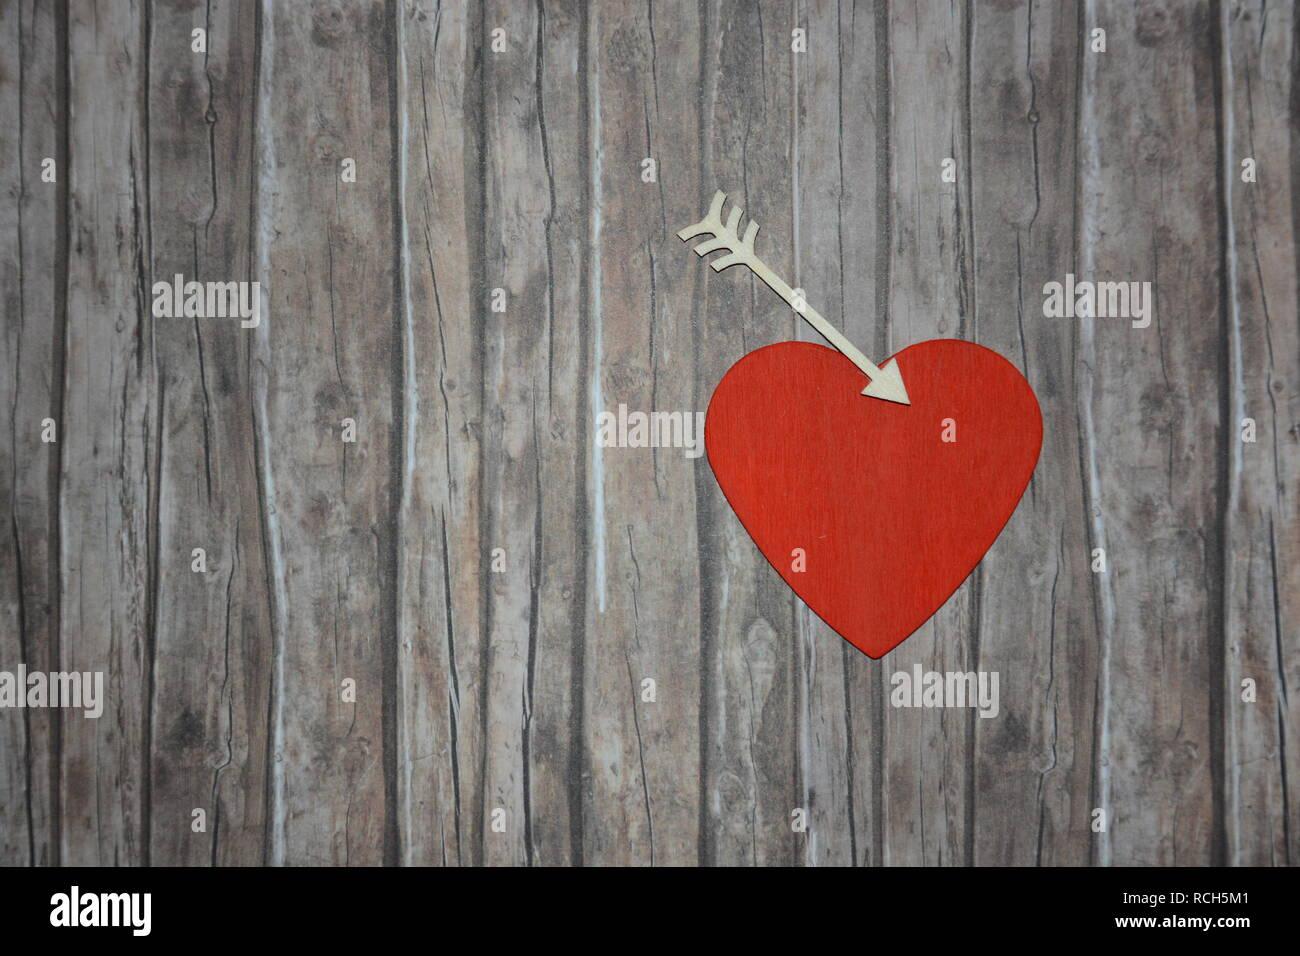 Liebe, Hintergrund, Valentinstag, Hochzeit - Stock Image